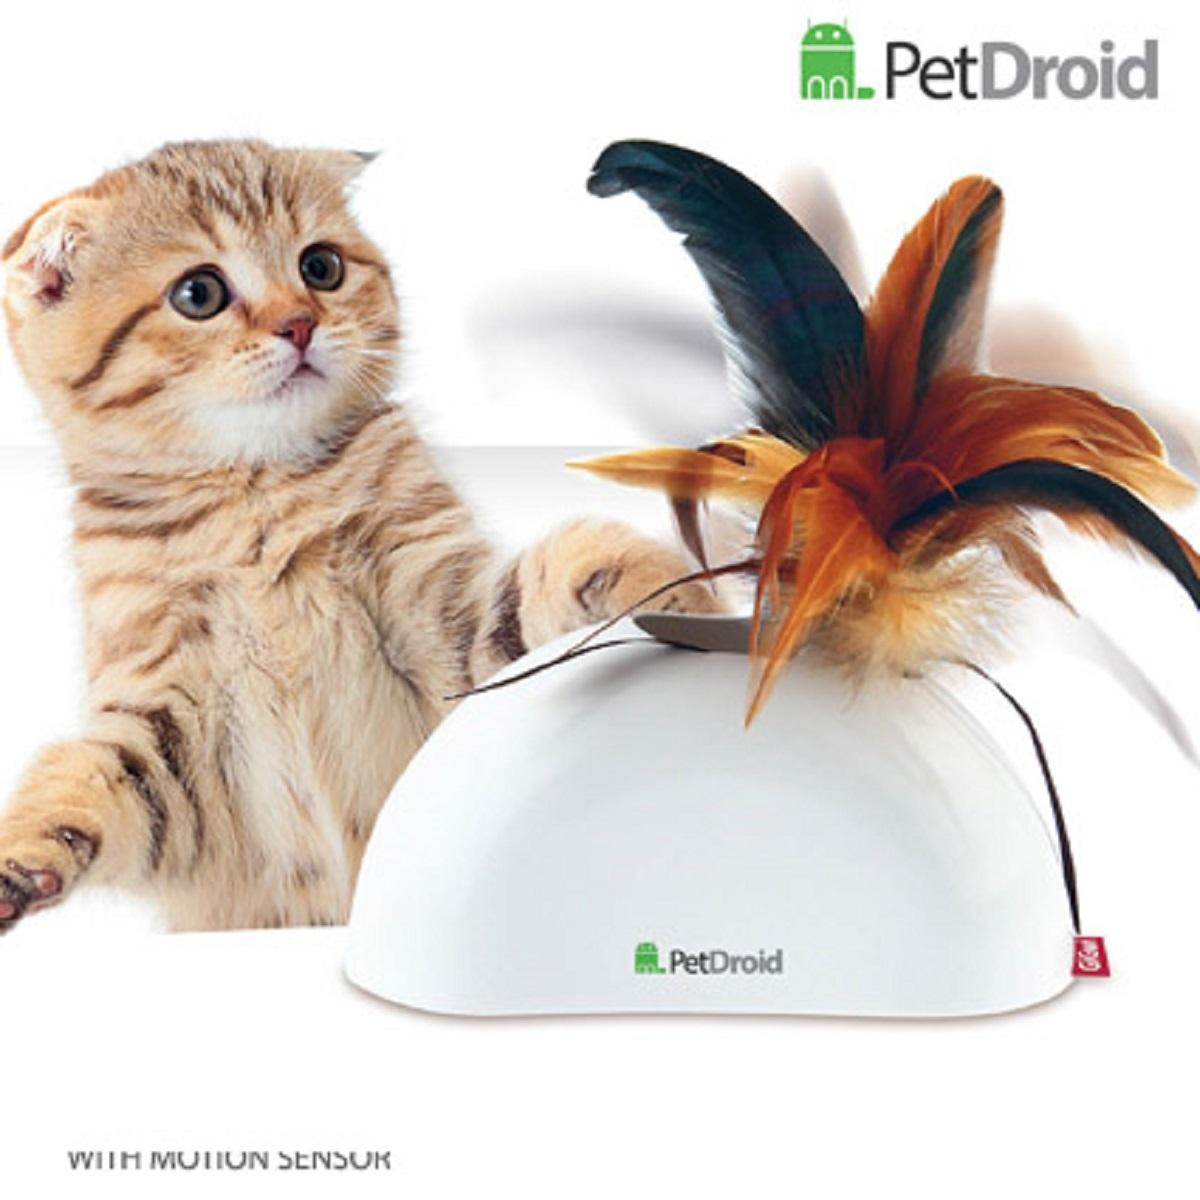 Электронная игрушка для кошек GiGwi Pet Droid Фезер Хайдер75311Игрушка для кошки. Интерактивная игрушка с звуковым чипом. Сменые насадки, 2 датчика движения. При касании лапами игрушка издает звуки похожие на чириканье птиц. Хвостик из натуральных перьев выскакивает, из корпуса игрушки, что очень забавляет питомца. Игрушка активируется автоматически при при подходе к ней животного, благодаря встроенным датчикам движения. Возможность использование в вертикальном и горизонтальном положении. Крепеж в комплекте для крепления в вертикальном положении Работает от 2 батареек АА Батарейки в комплект не входят Сменная верхушка из перьев Размер 15 см.